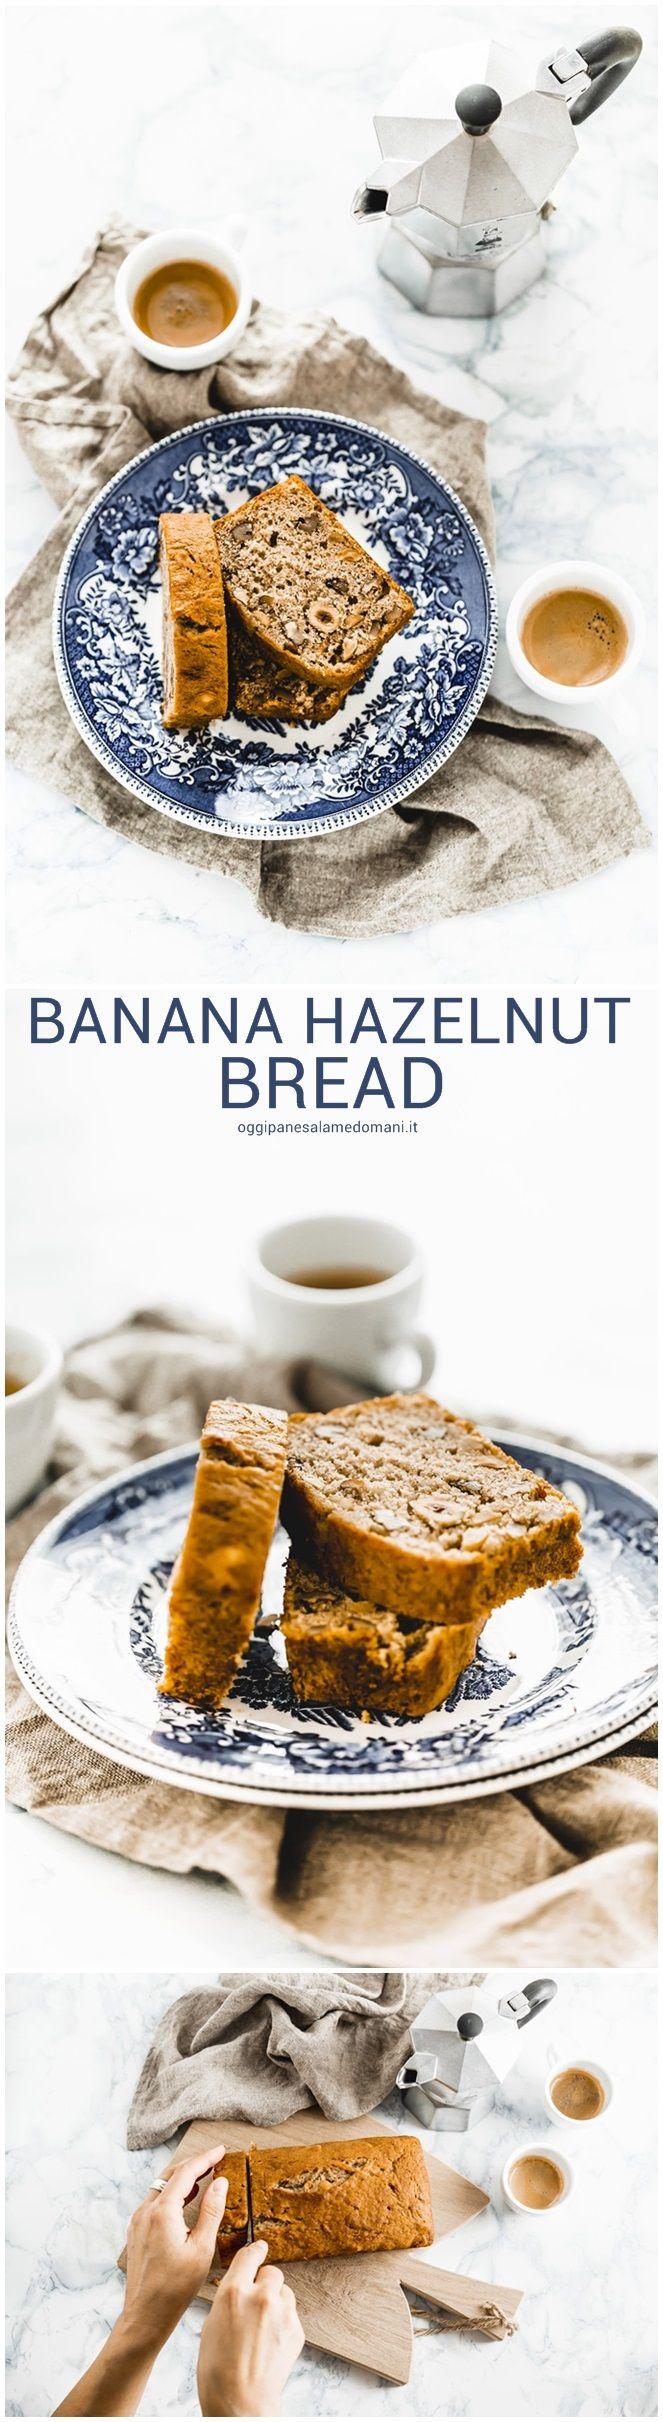 banana hazelnut bread - banana hazelnut cake - banana hazelnut loaf - banana bread alle nocciole - cake alle nocciole e banane - torta di banane e nocciole